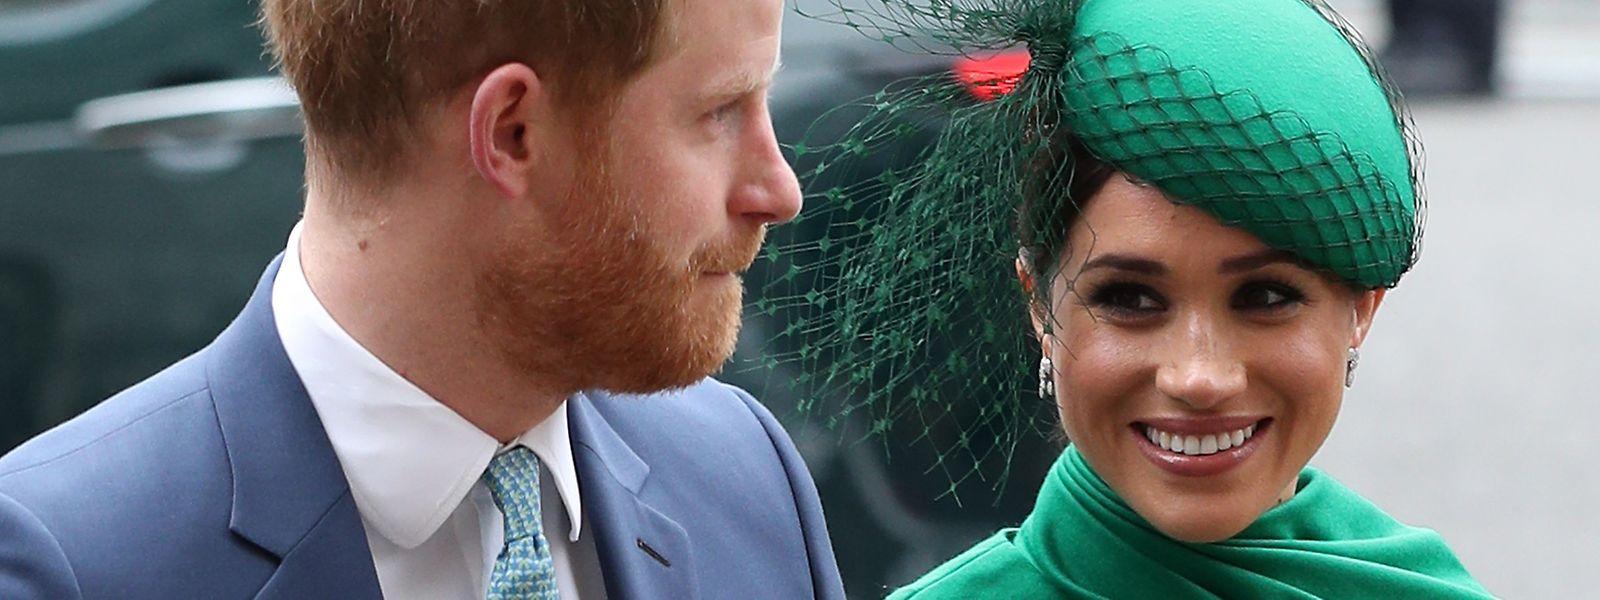 Prinz Harry (L), Herzog von Sussex, und Meghan, Herzogin von Sussex, kommen am Commonwealth-Tag zum Commonwealth Service in Westminster Abbey, London, an. Der Gottesdienst war die letzte offizielle Veranstaltung des Herzogs und der Herzogin von Sussex, bevor sie das königliche Leben aufgaben.